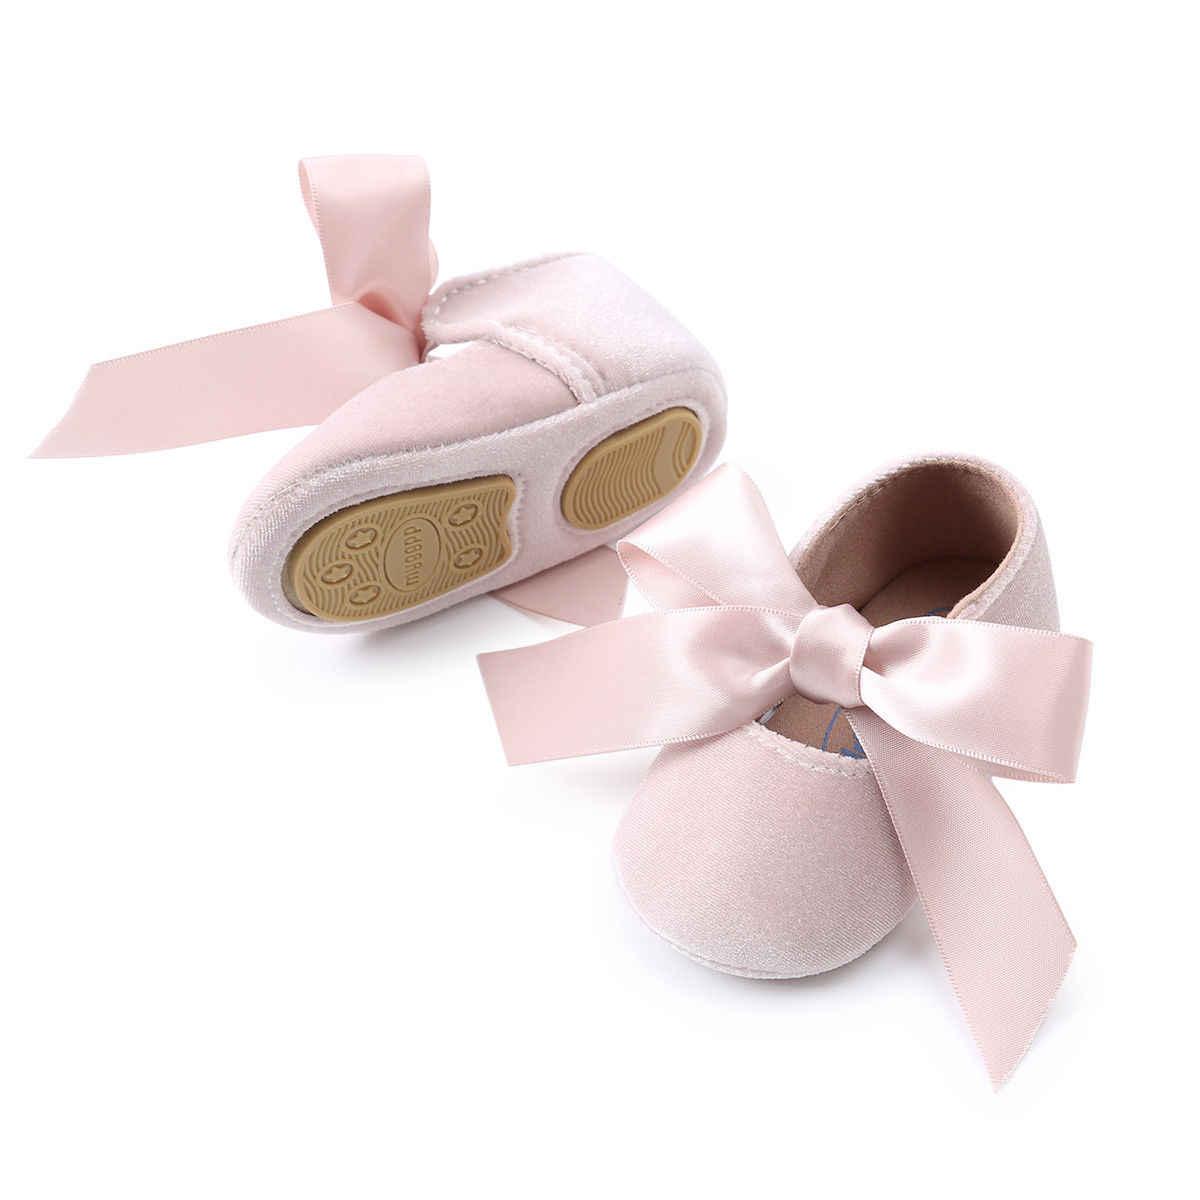 Tênis casuais de flanela para bebês, sapatos para meninas, recém nascidos, com laço, cores sólidas, 2018